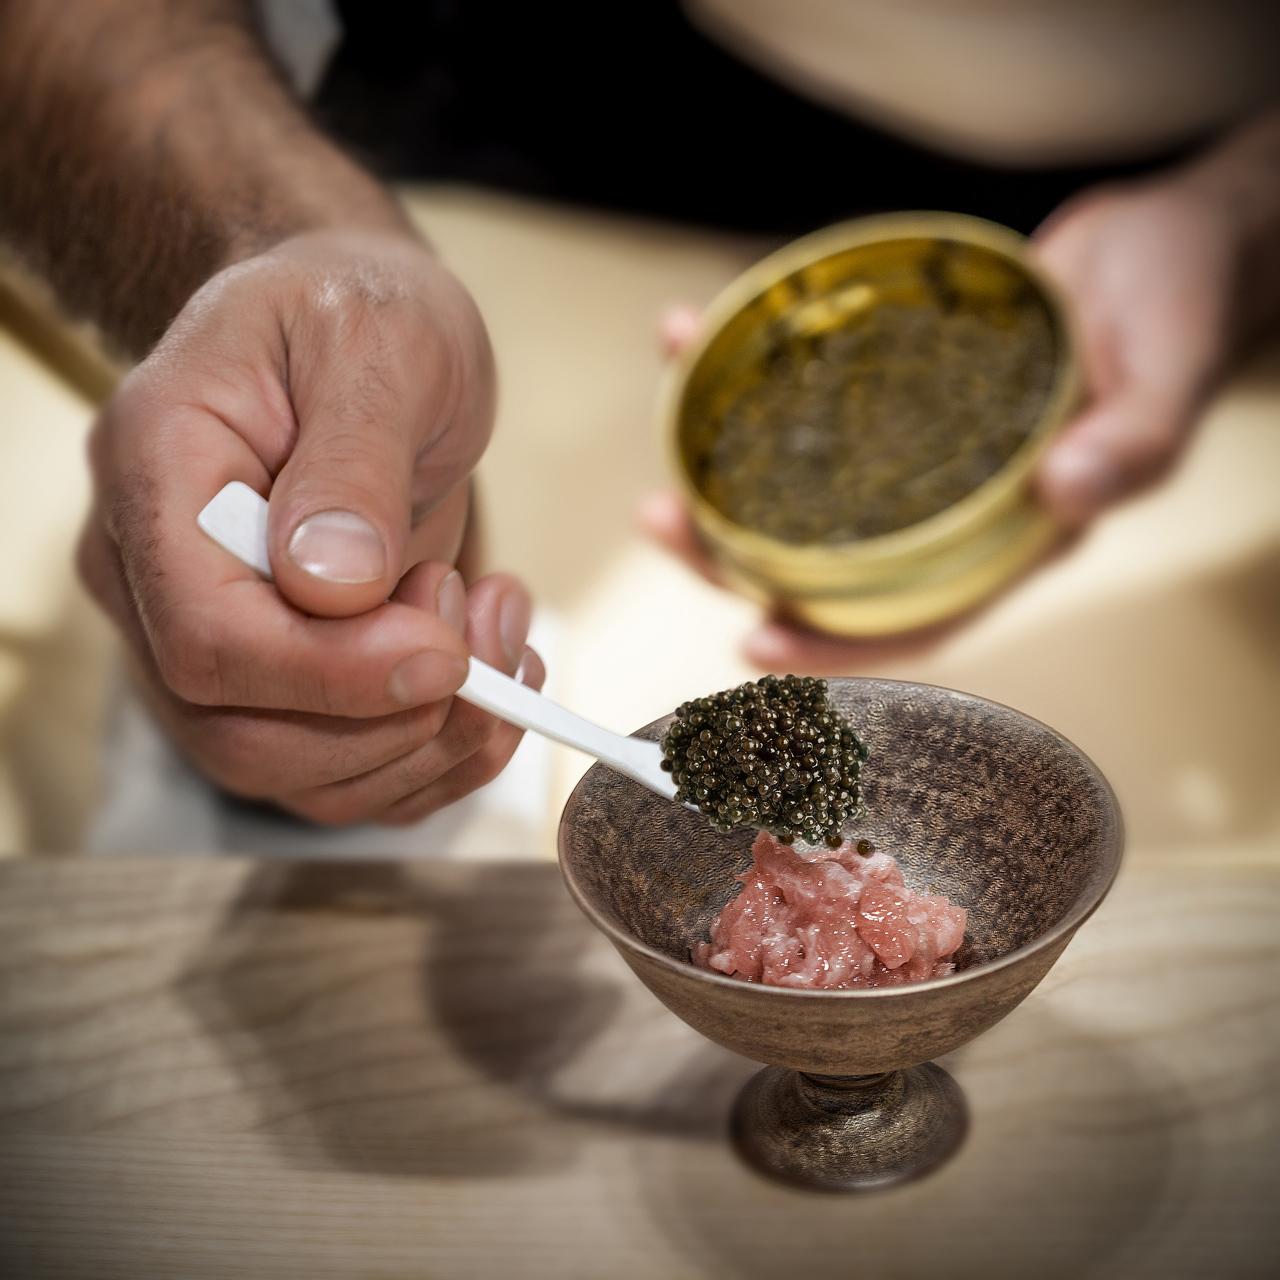 99 SUSHI Ko - tartar y caviar - nines minguez